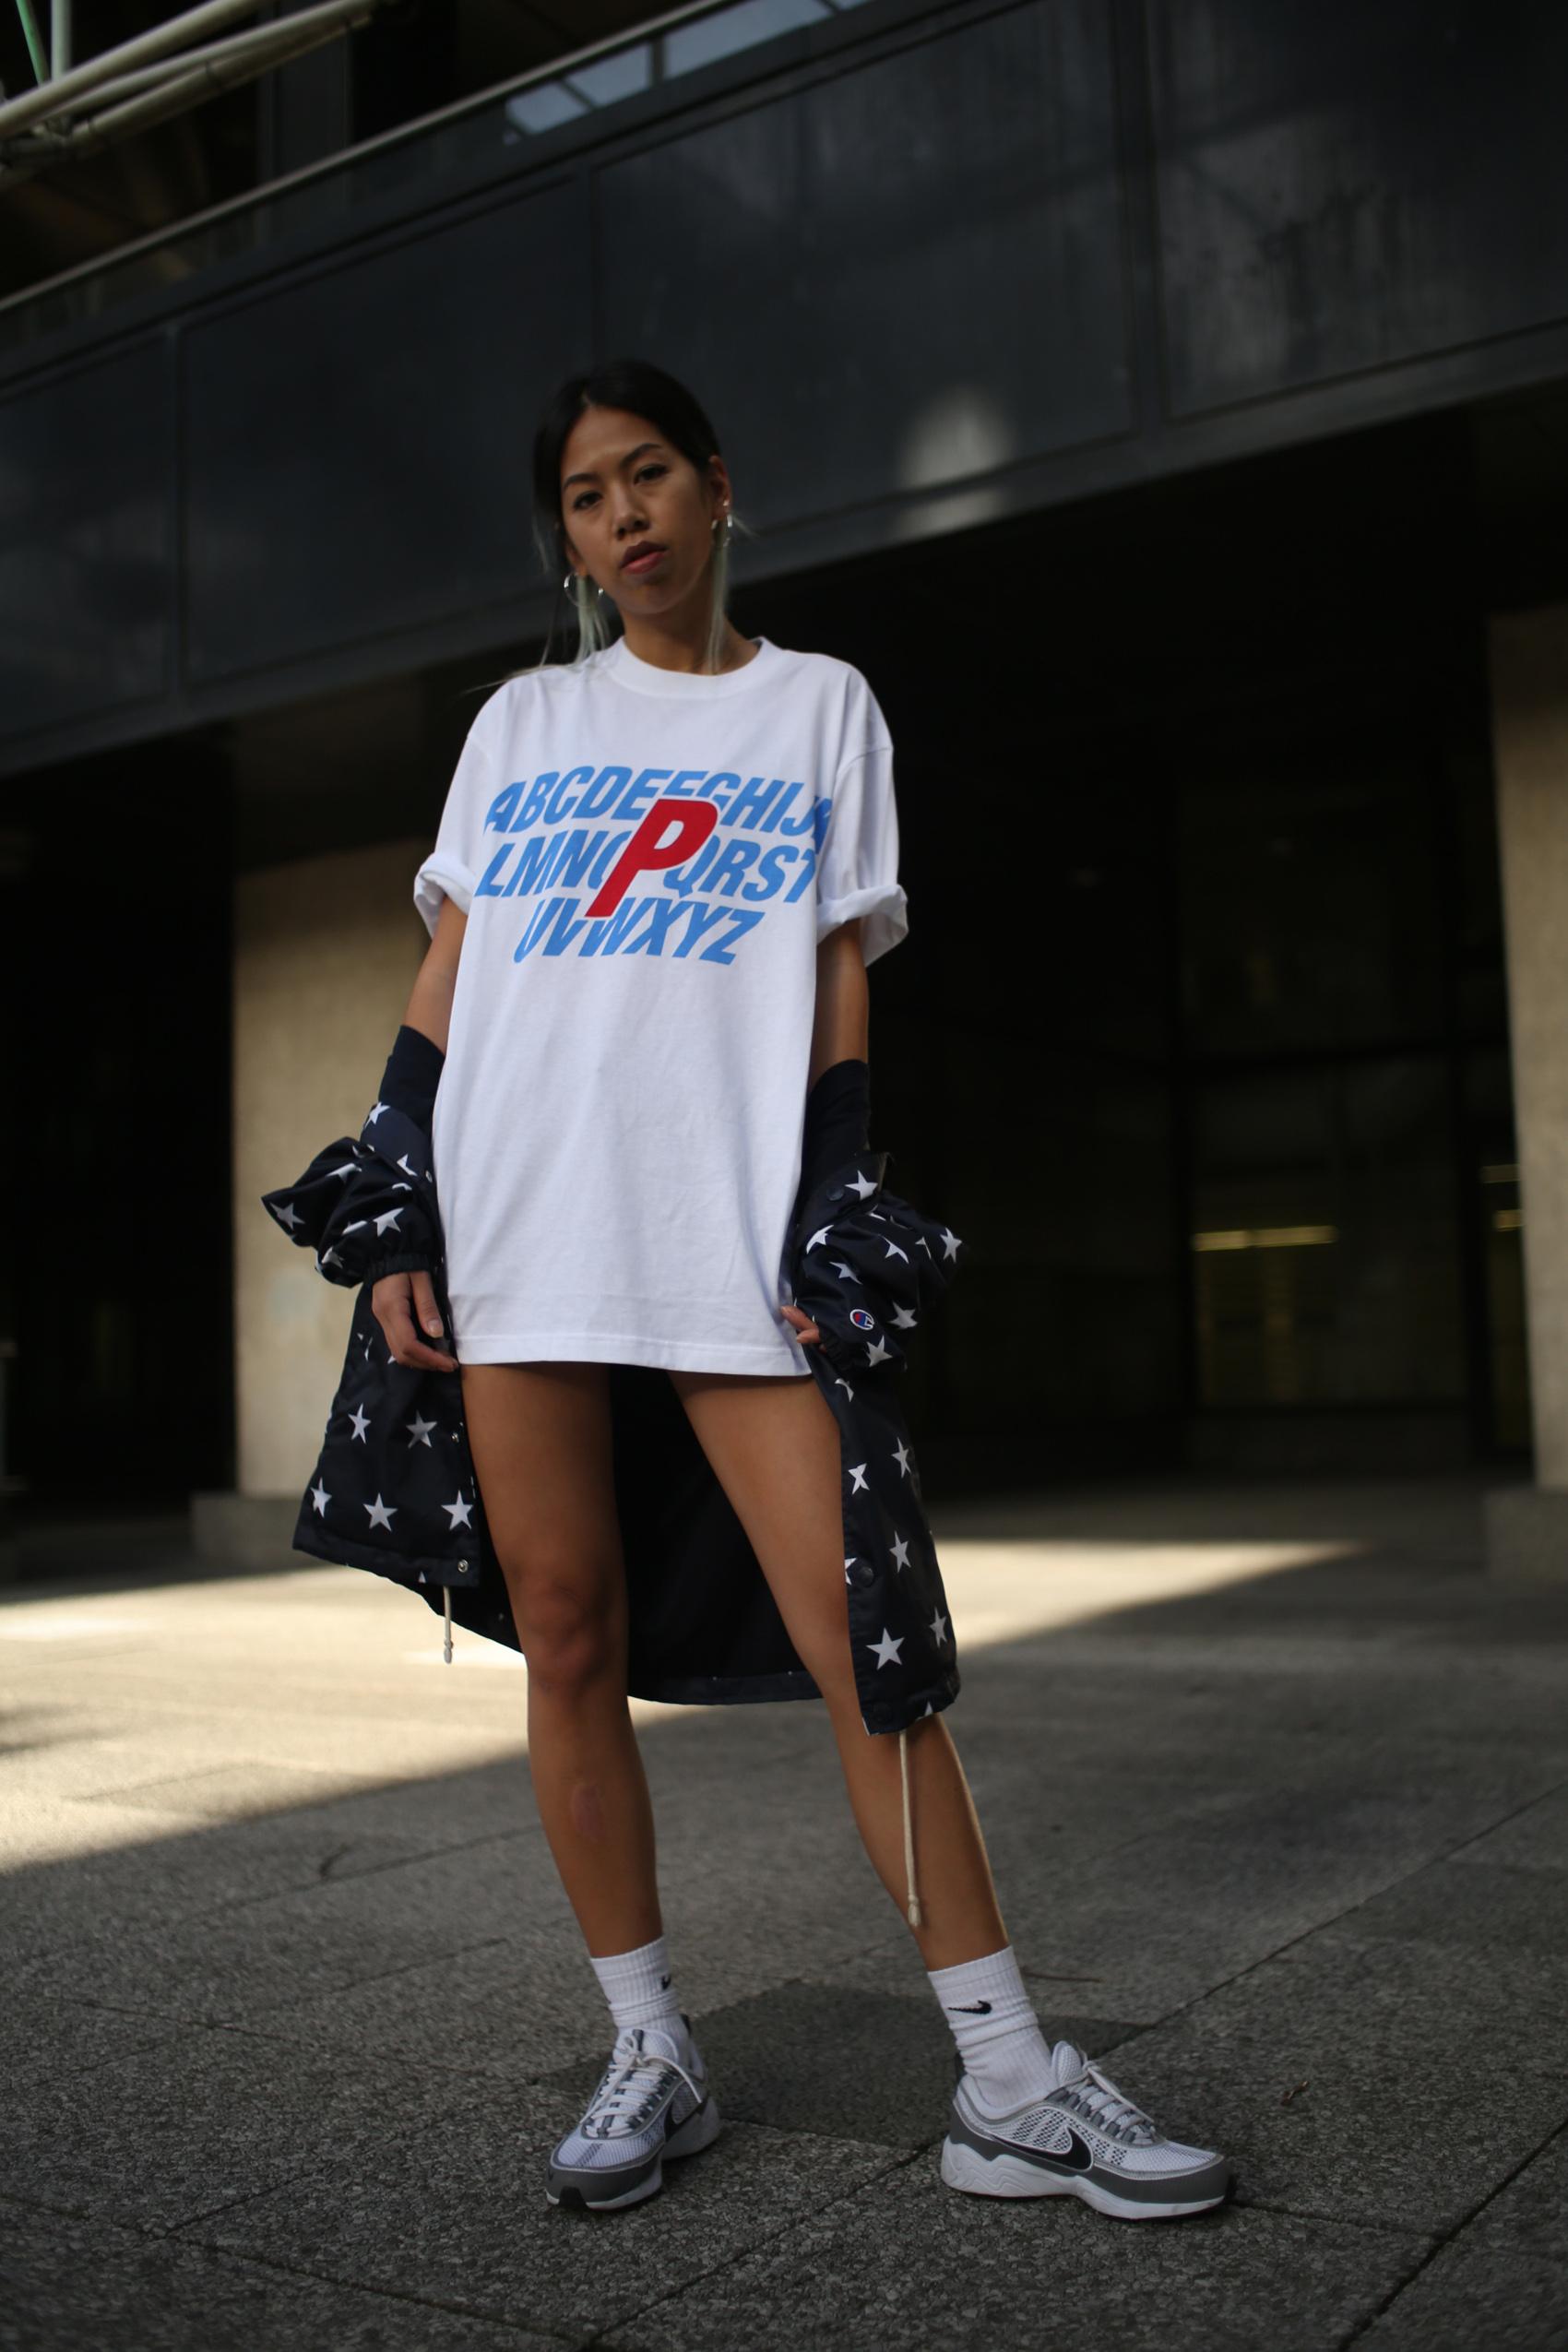 Palace t shirt 2